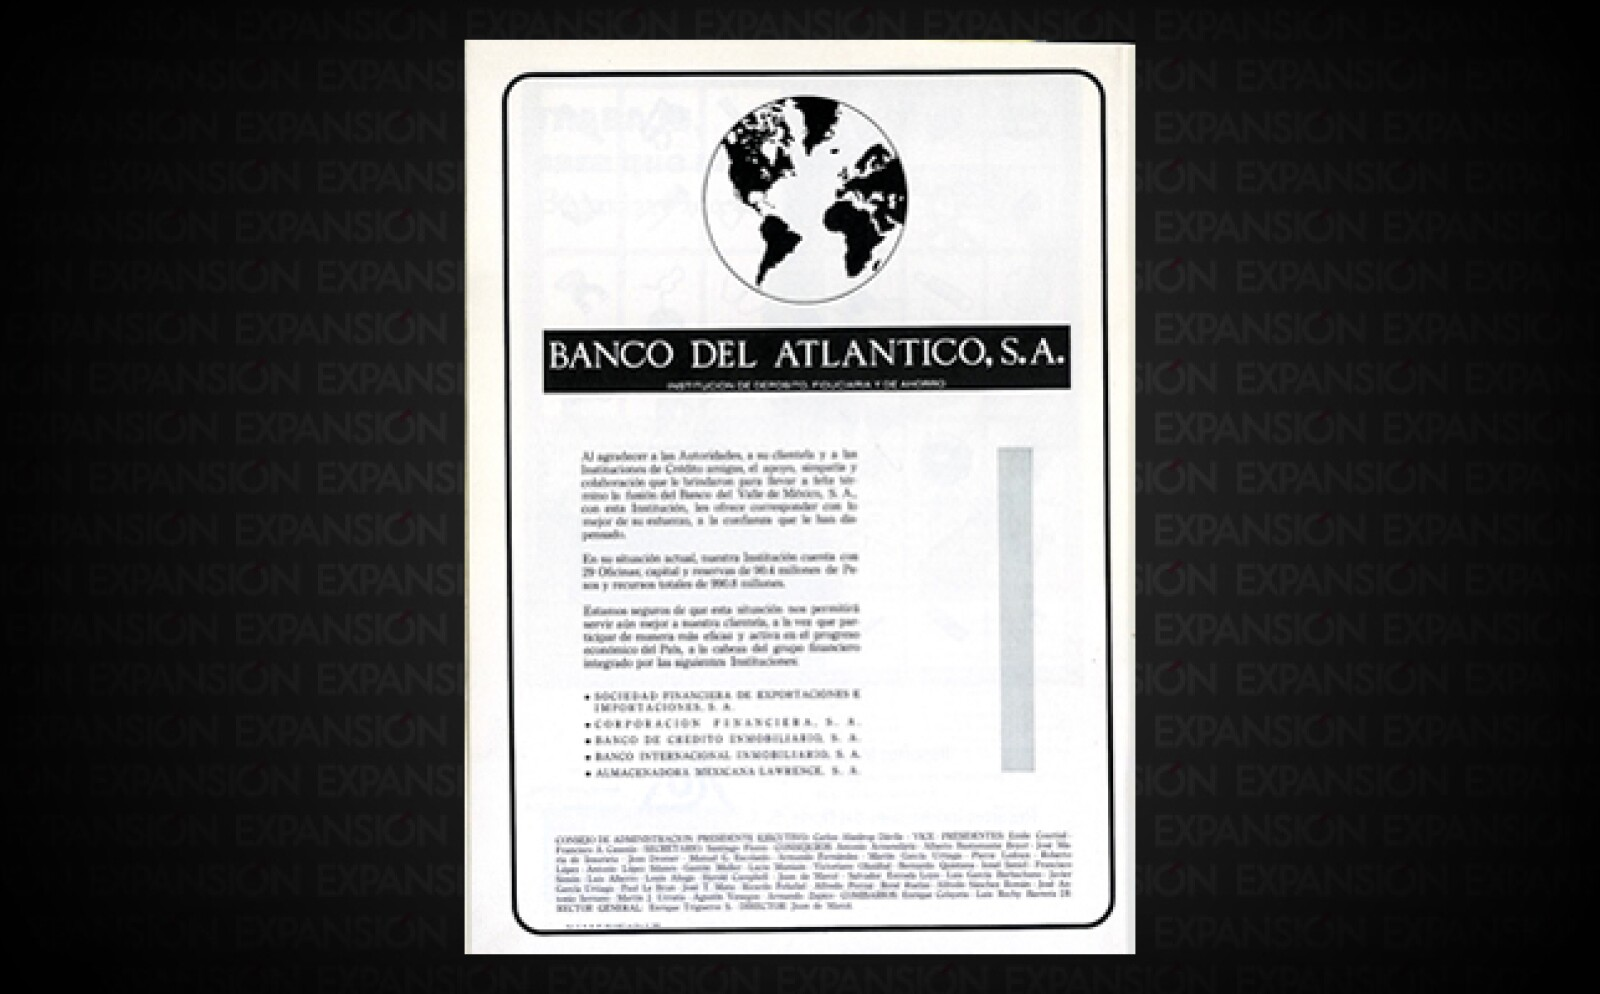 Banco del Atlántico fue absorbido en la década de los 90 por Banco Internacional (Bital). Este último, a su vez, fue adquirido por HSBC en 2002.